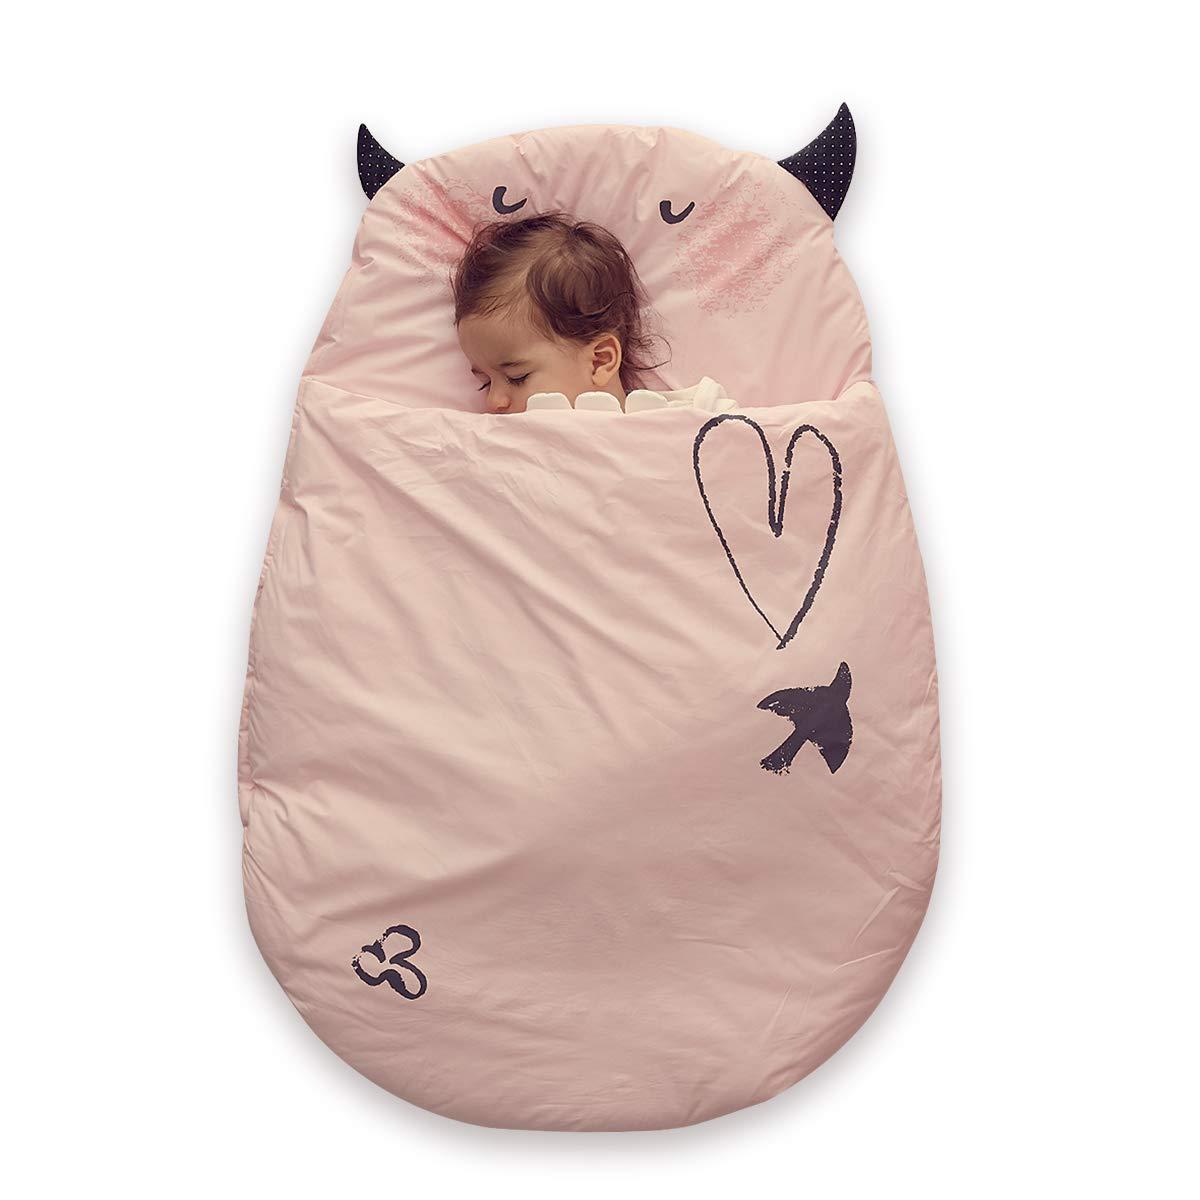 Bebamour Anti Kick Baby Sleeping Bag Safe Nights Cotton Baby Sleep Bag 2.5 Tog 0-18 Months Cute Infant Boy Girls Sleeping Sack Baby Wrap Blanket (Pink) UKBD8631